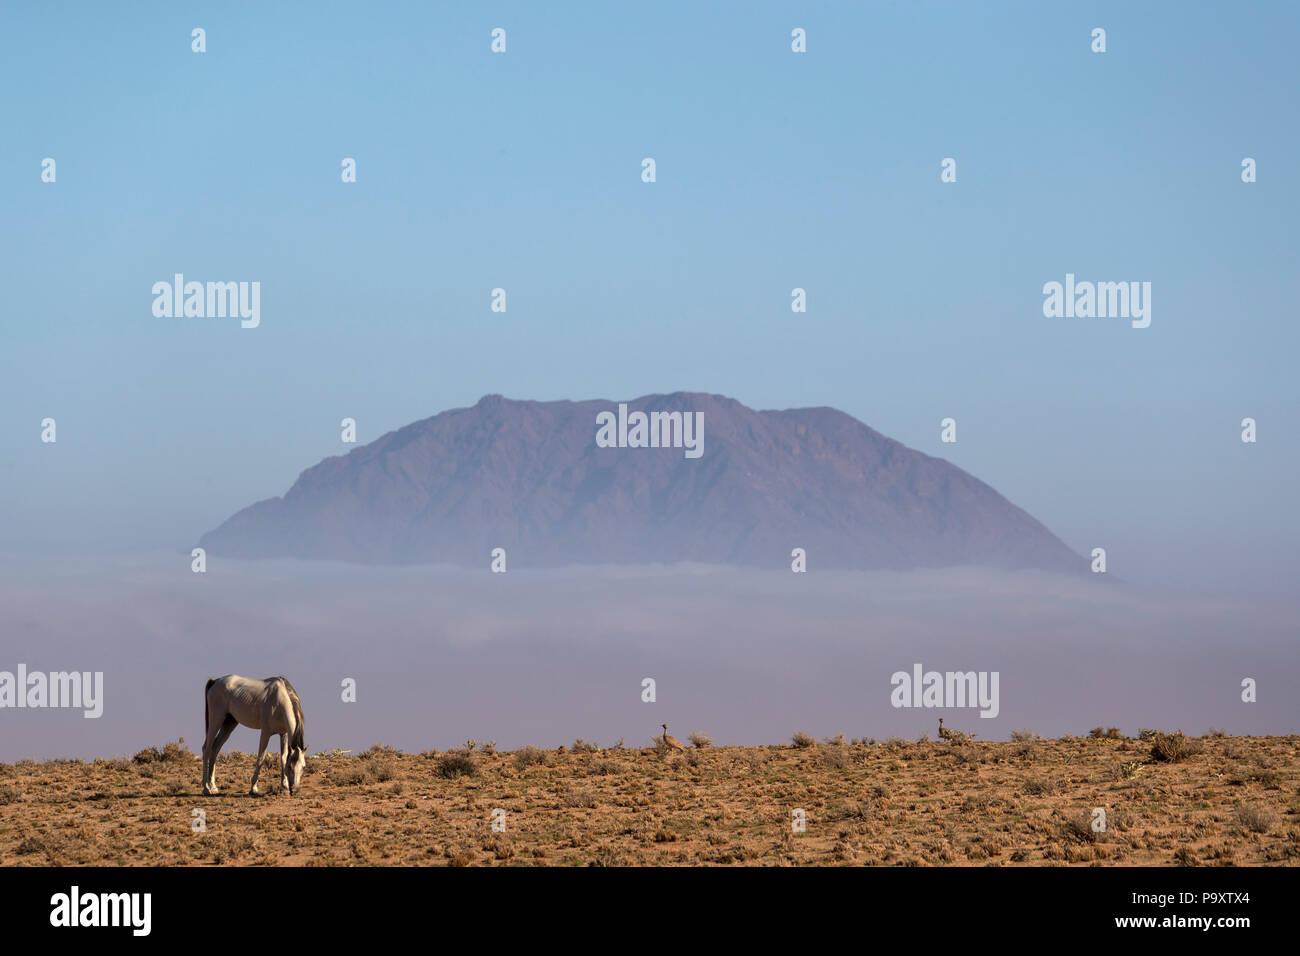 Wild horse, Aus, Namibia - Stock Image